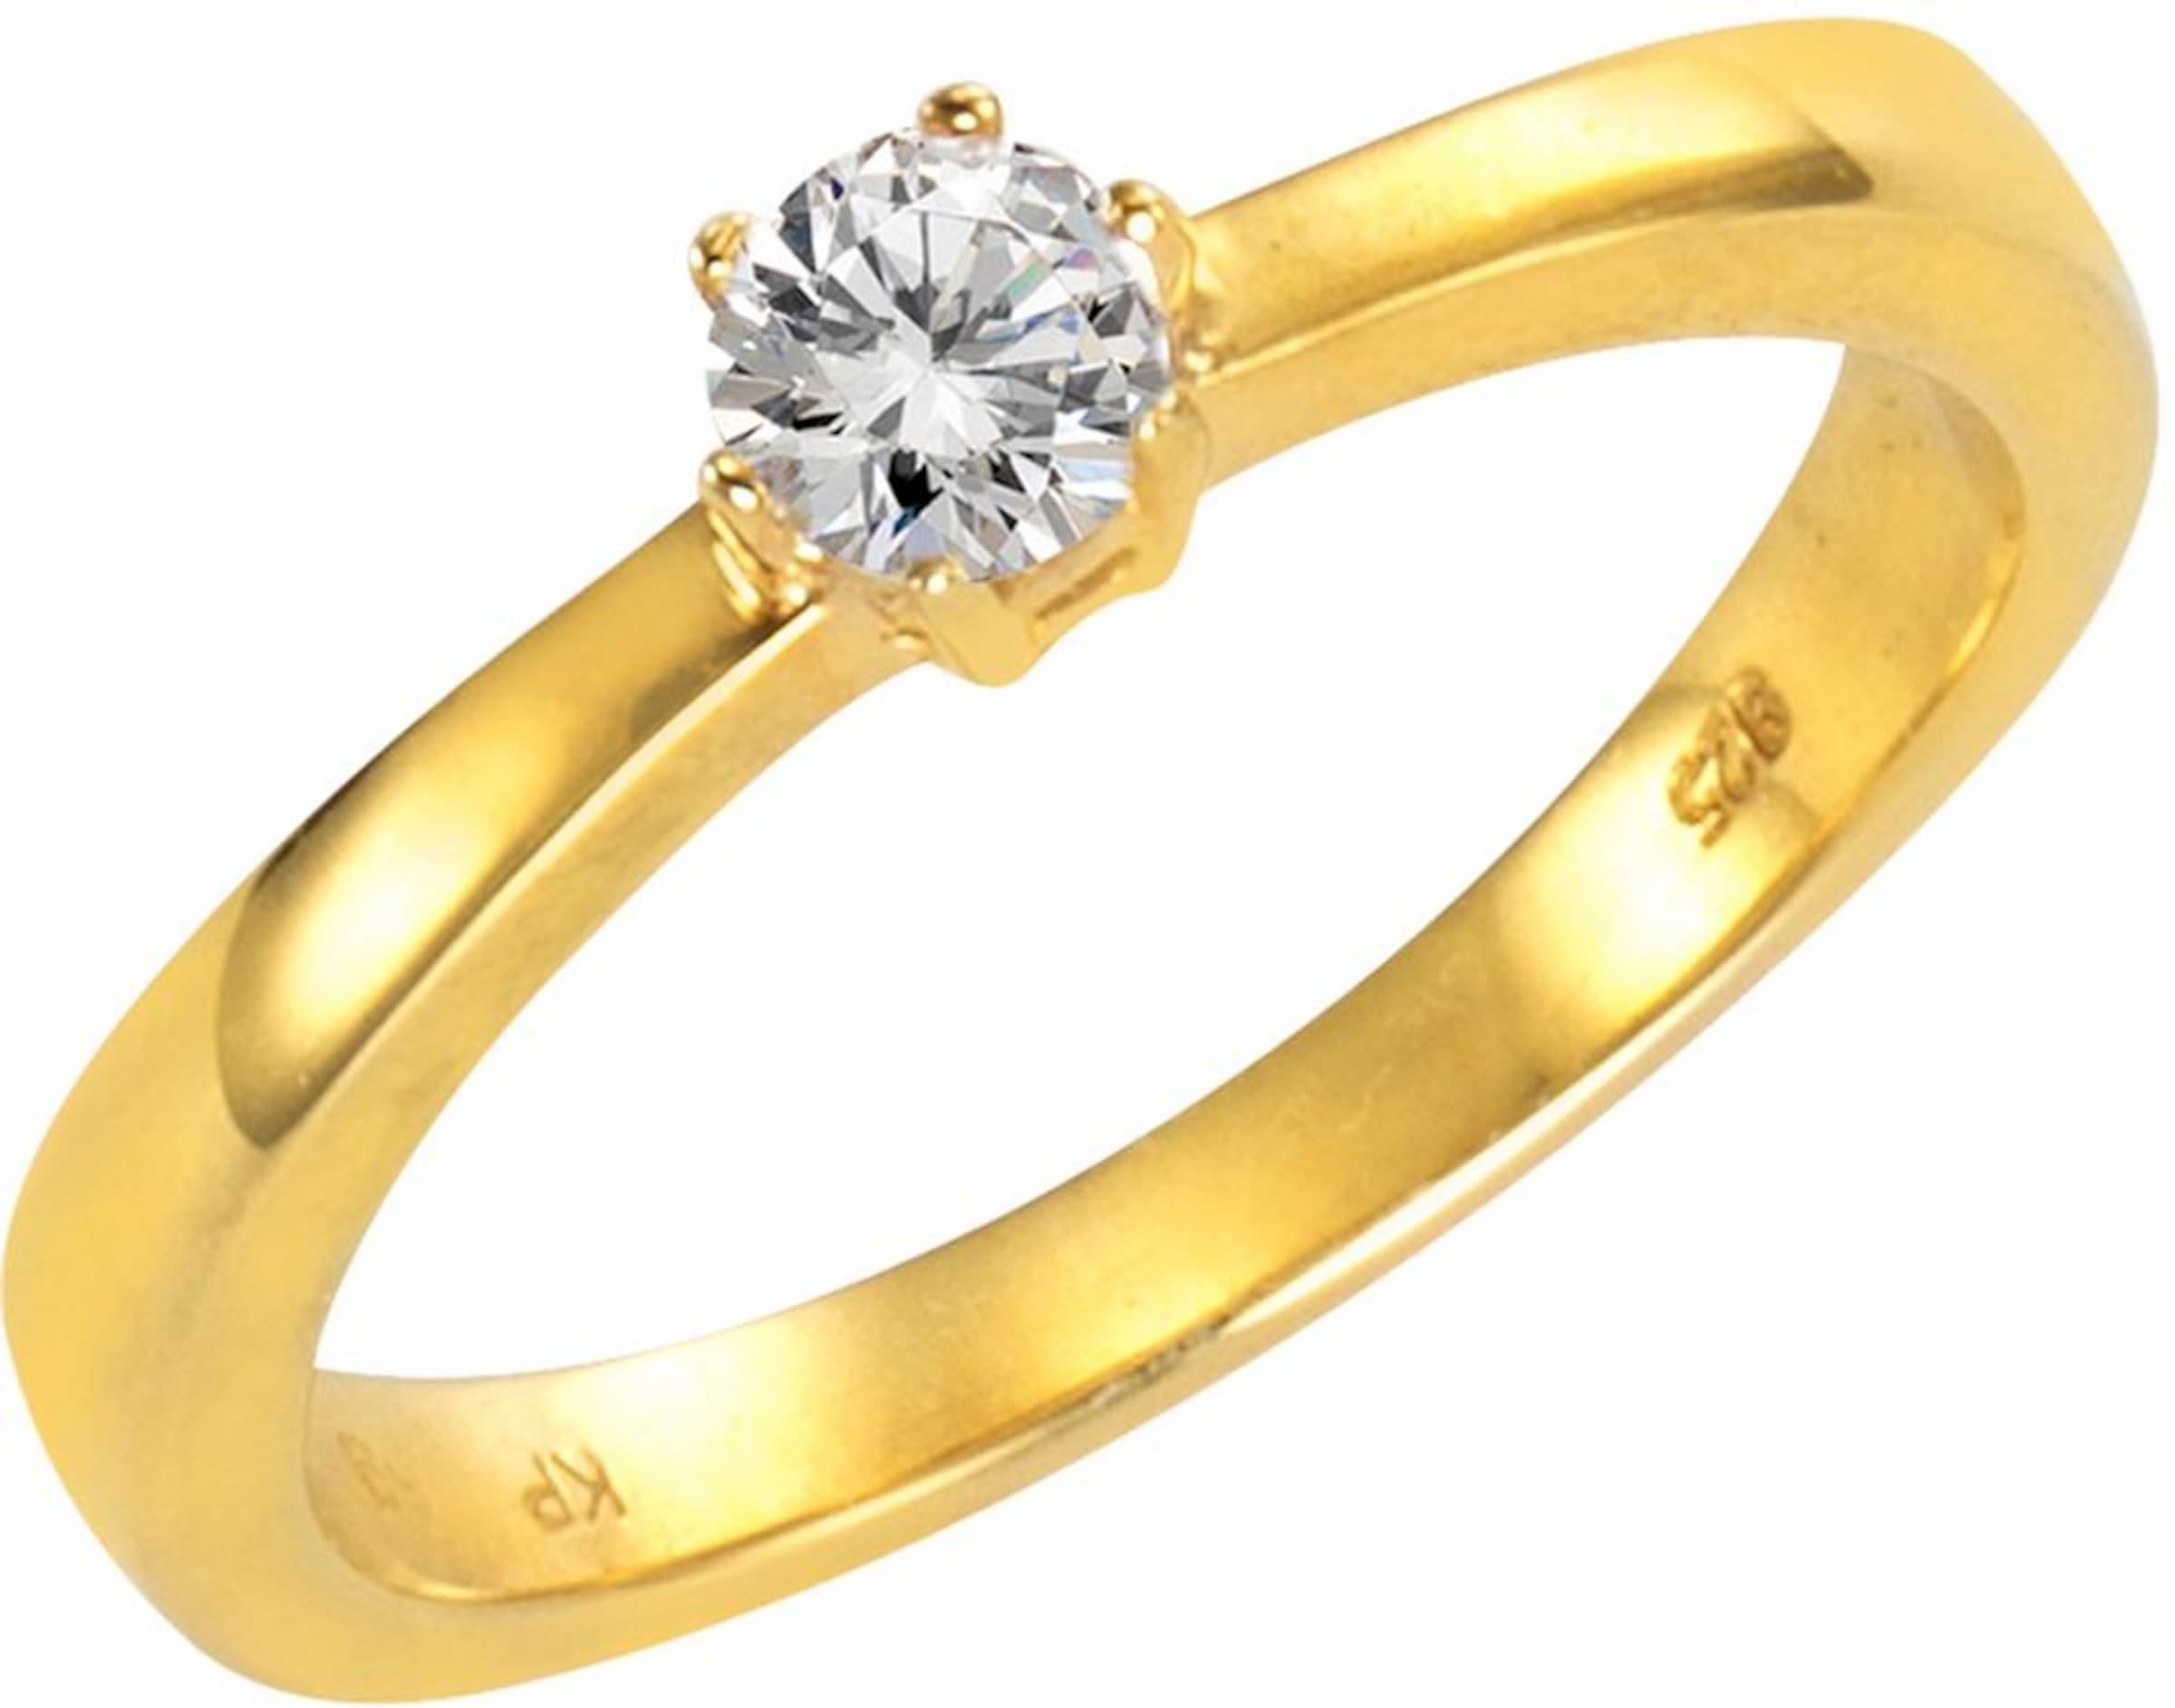 Günstig Kaufen Für Billig FIRETTI Fingerring Versorgung Verkauf Online Großer Verkauf Günstig Online Aus Deutschland Zum Verkauf Freies Verschiffen JMhPQmrw9